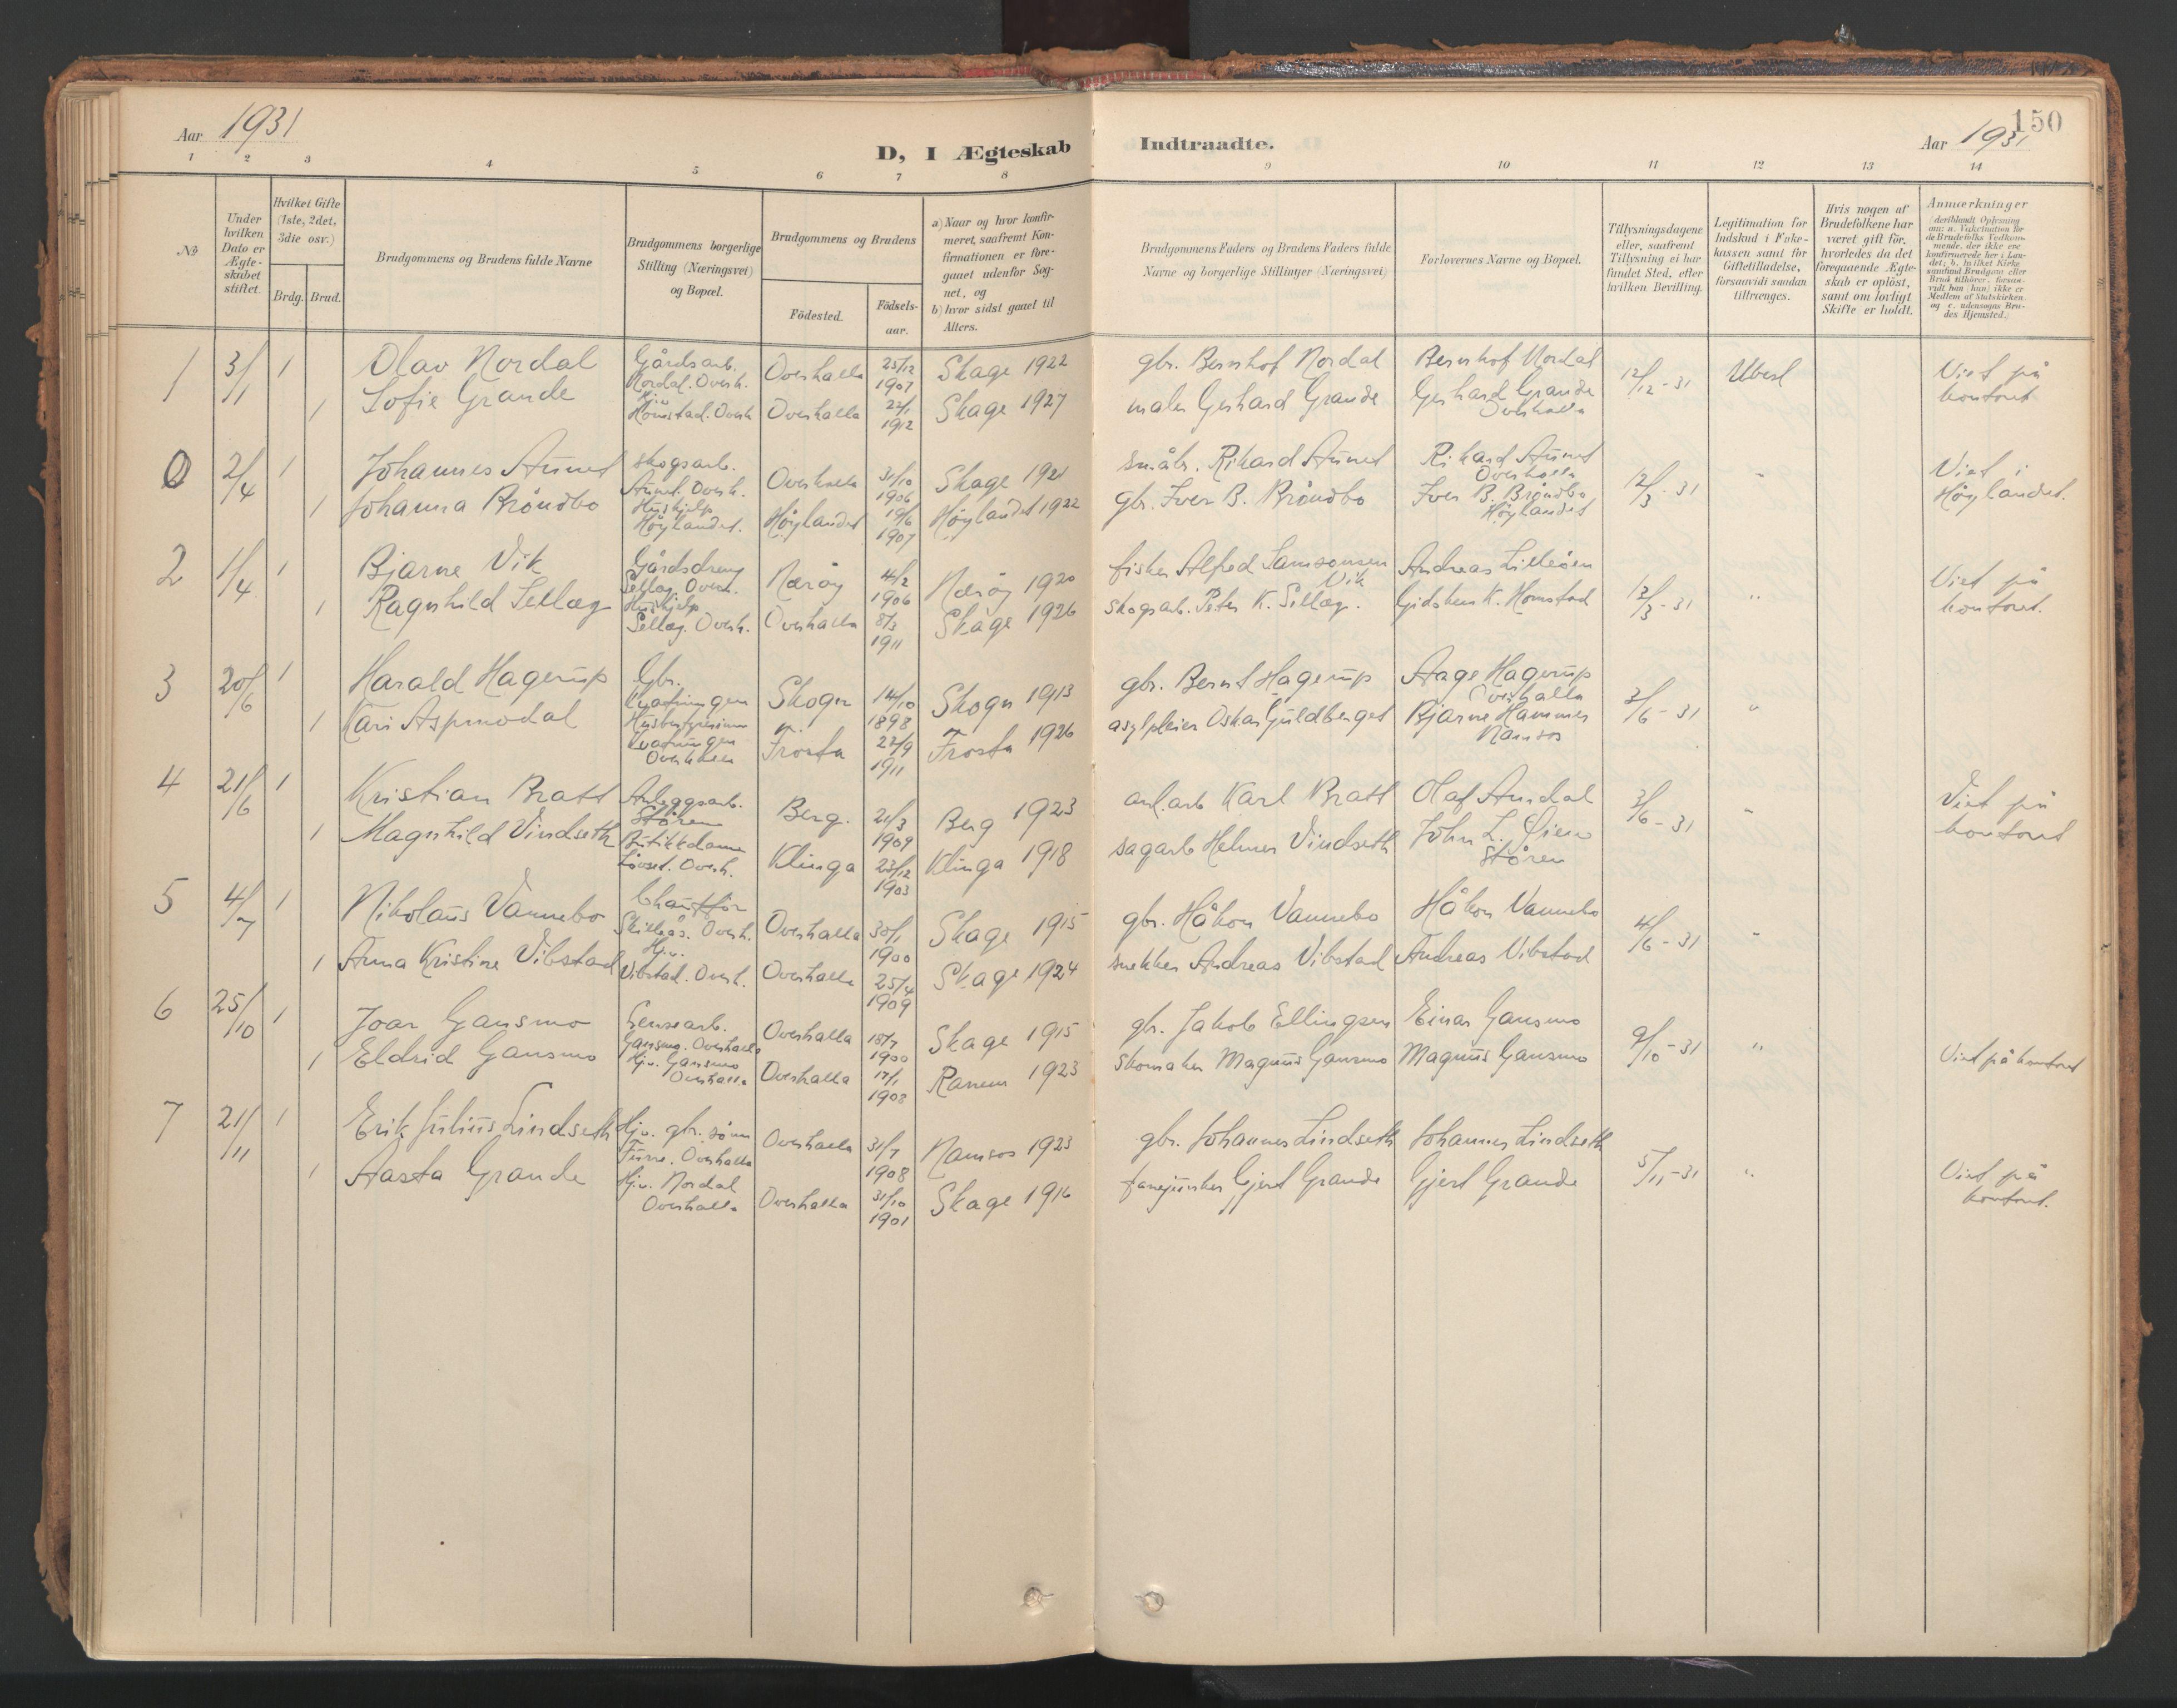 SAT, Ministerialprotokoller, klokkerbøker og fødselsregistre - Nord-Trøndelag, 766/L0564: Ministerialbok nr. 767A02, 1900-1932, s. 150